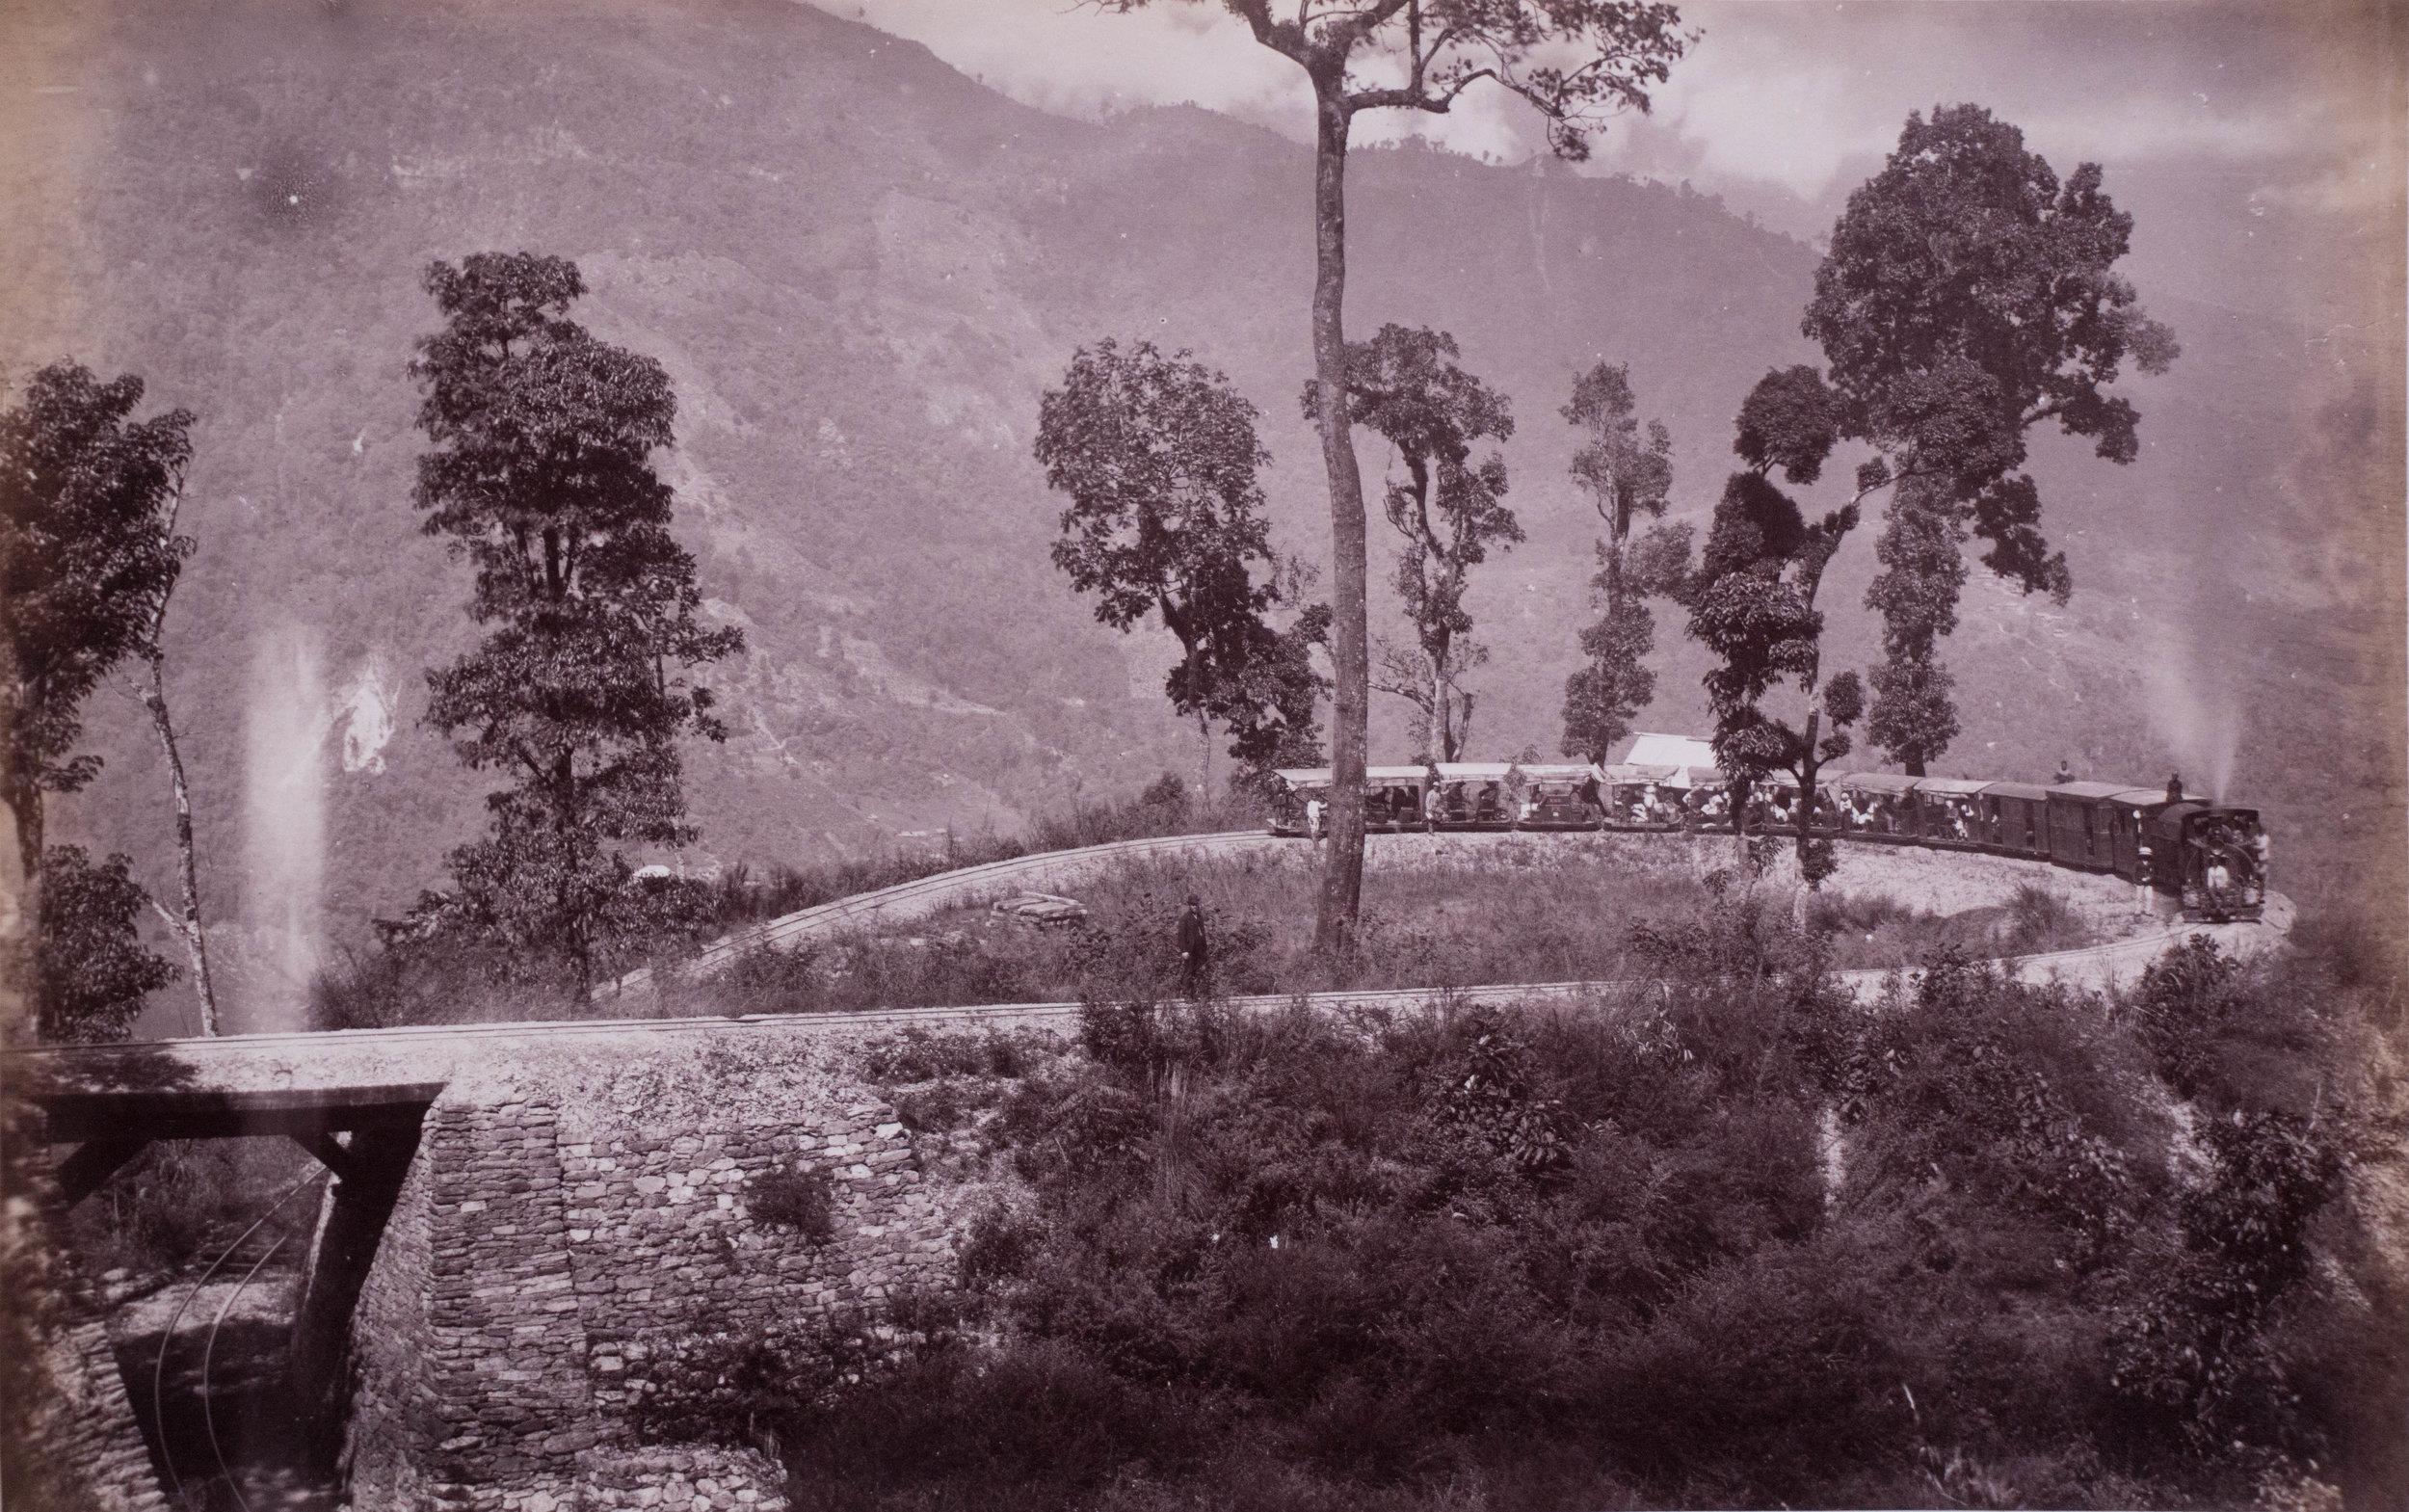 Le chemin de fer de Darjeeling 3